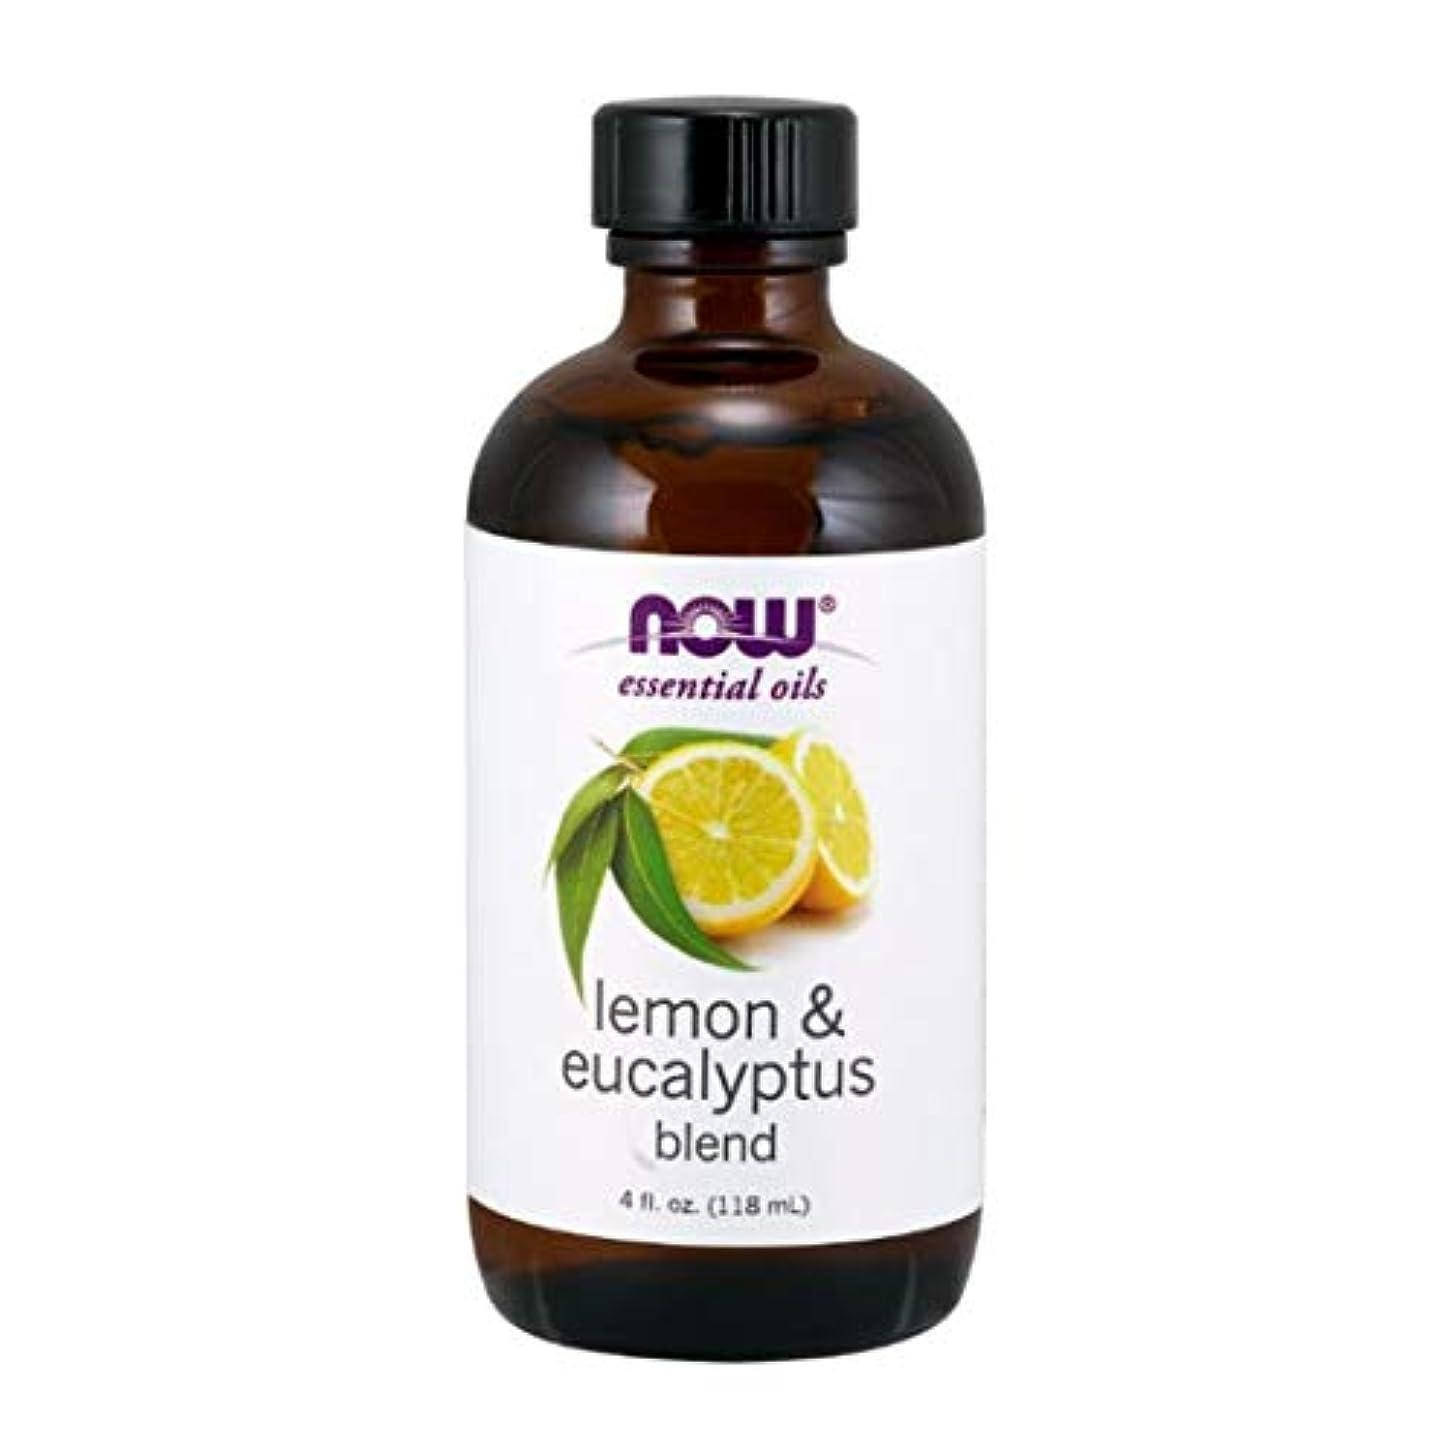 フラップマチュピチュ病気だと思うNow - Lemon & Eucalyptus Blend With Lemongrass 4 oz (118 ml) [並行輸入品]